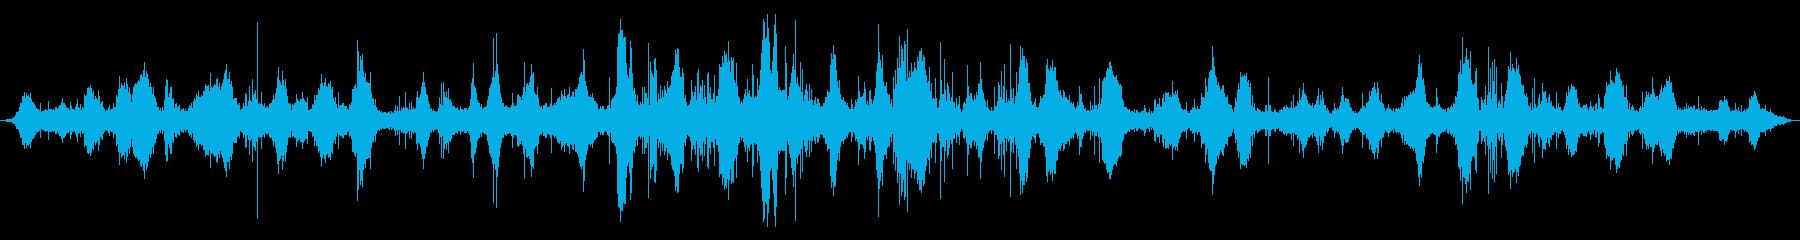 海洋:遅い重い波がやってきて、小さ...の再生済みの波形